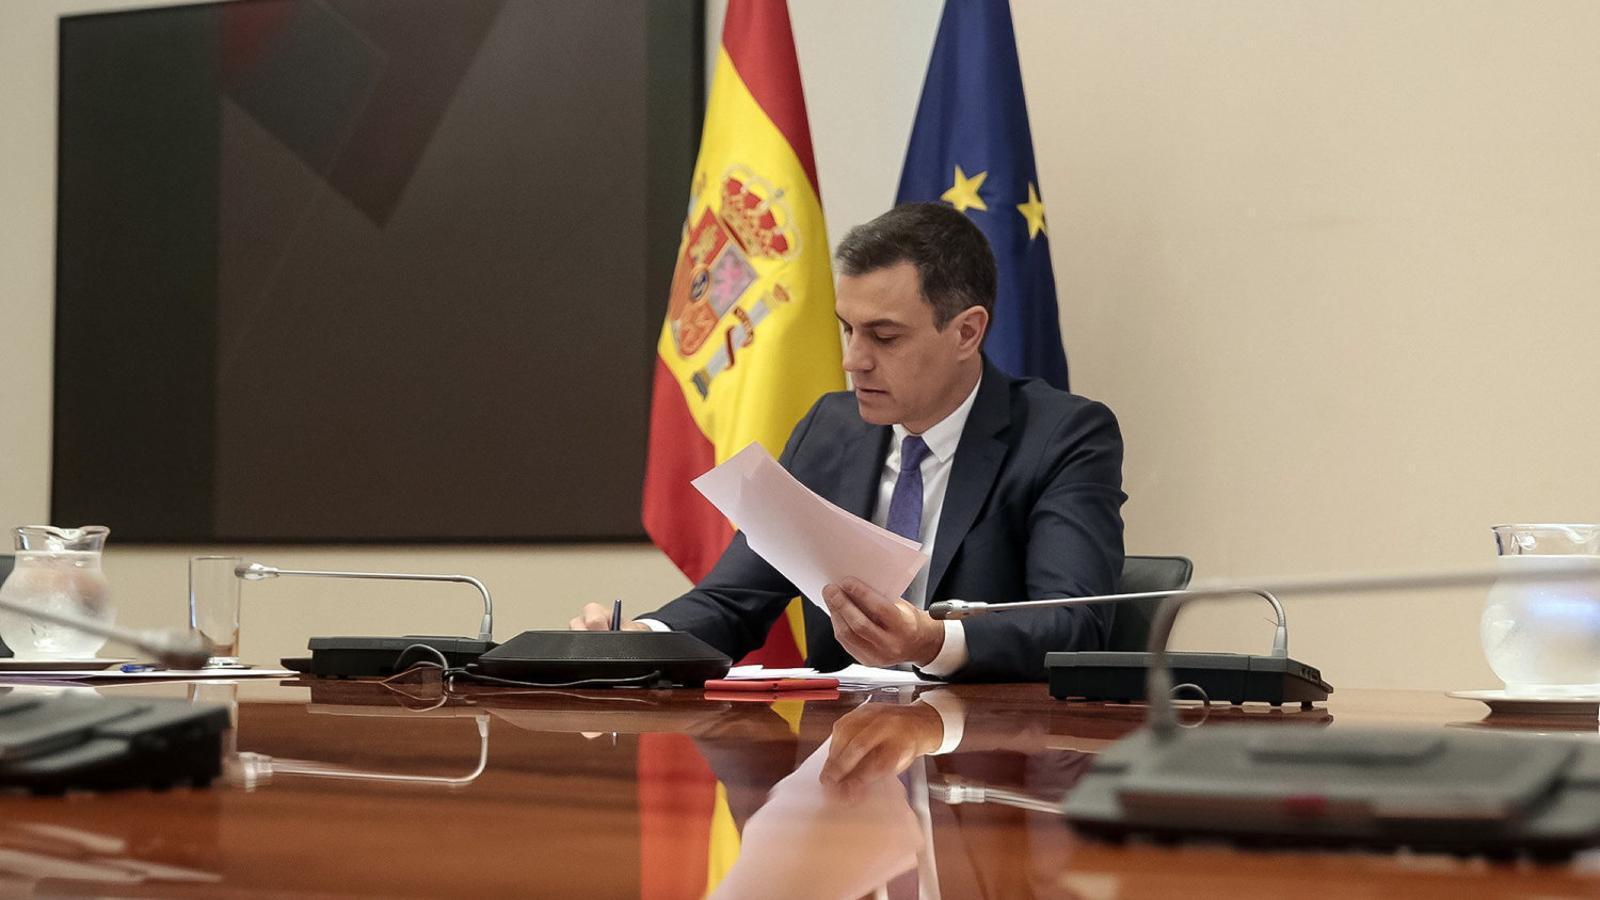 La Moncloa ja negocia el pla B a l'estat d'alarma si hi ha un rebrot